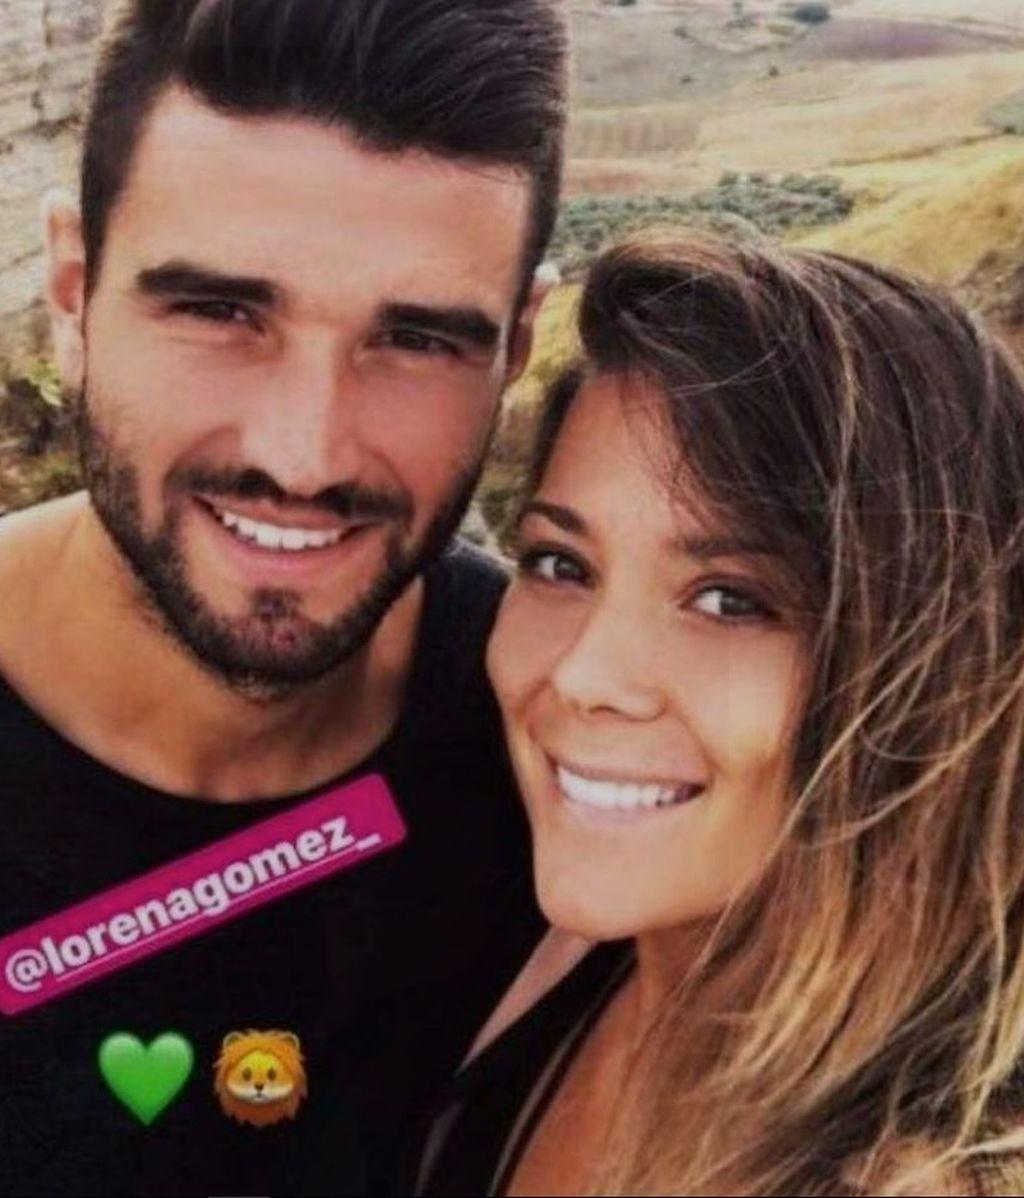 ¡Cantante, futbolista y viceversa! Una conocida artista confirma su relación con un jugador del Betis